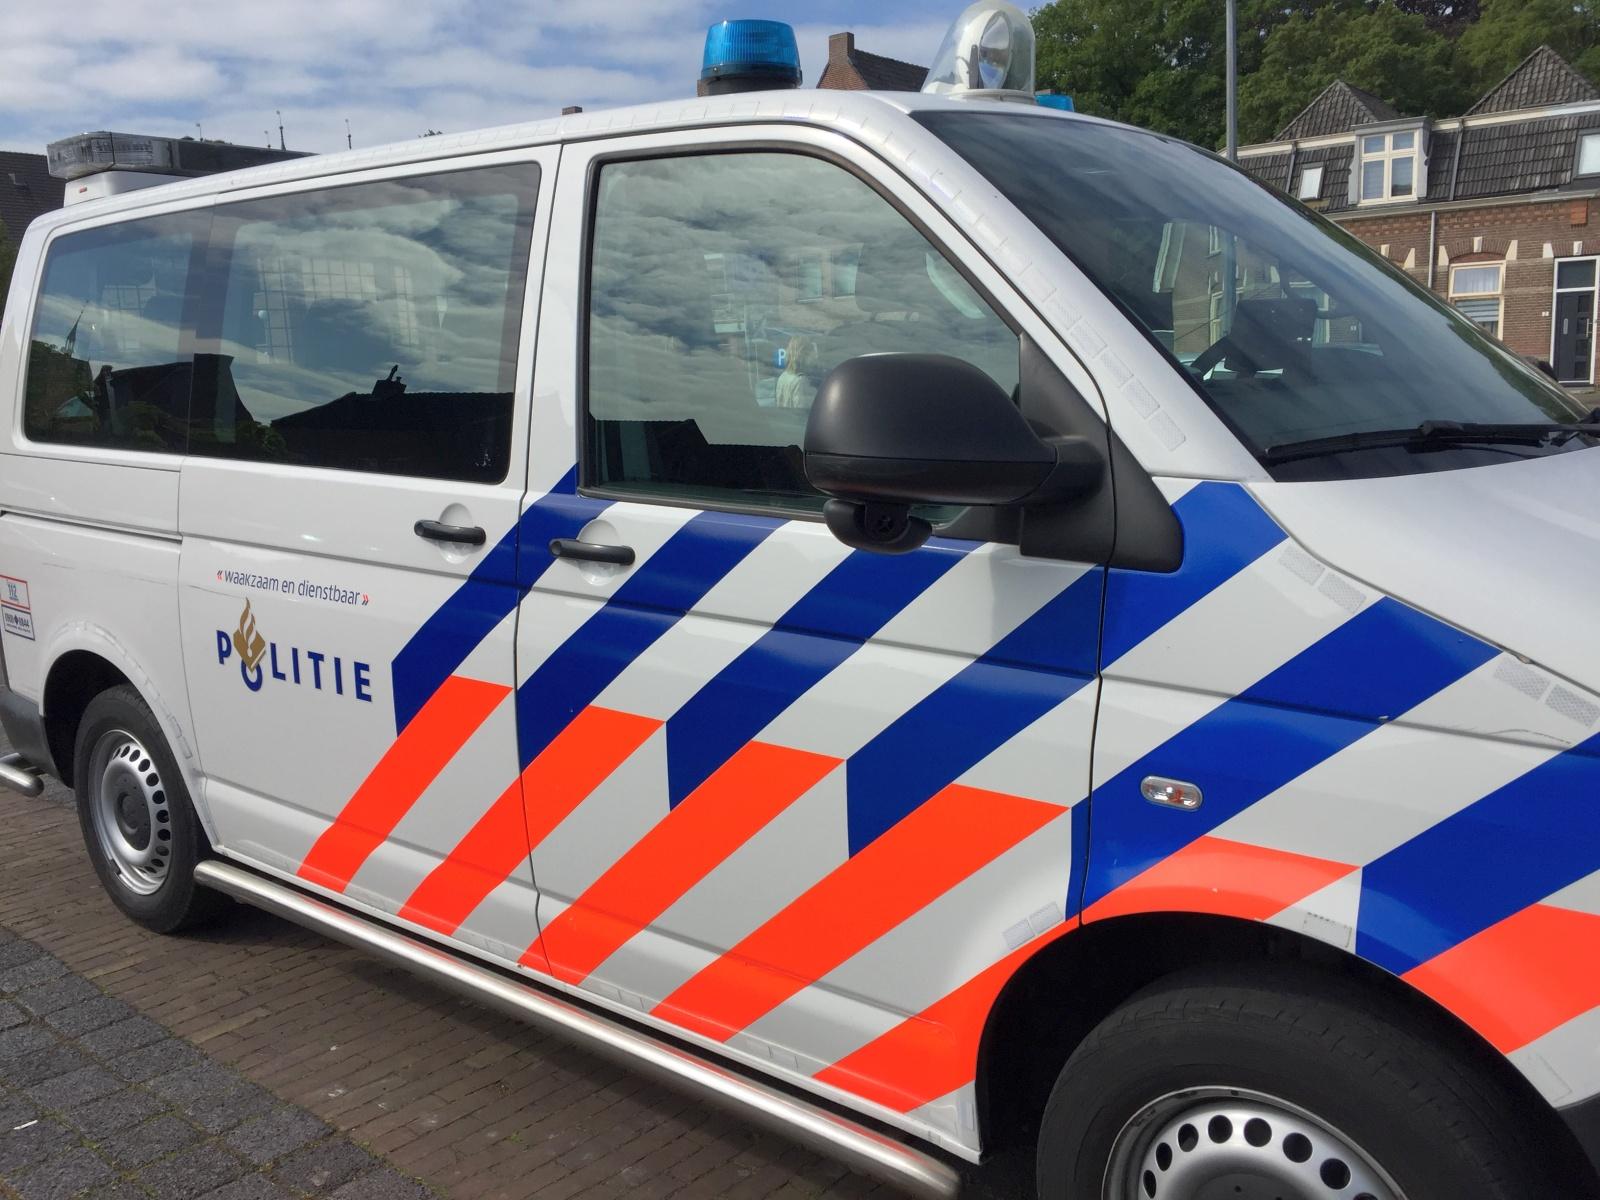 Aanhoudingen verricht aan de Jan Ligthartstraat ivm mogelijk vuurwapen